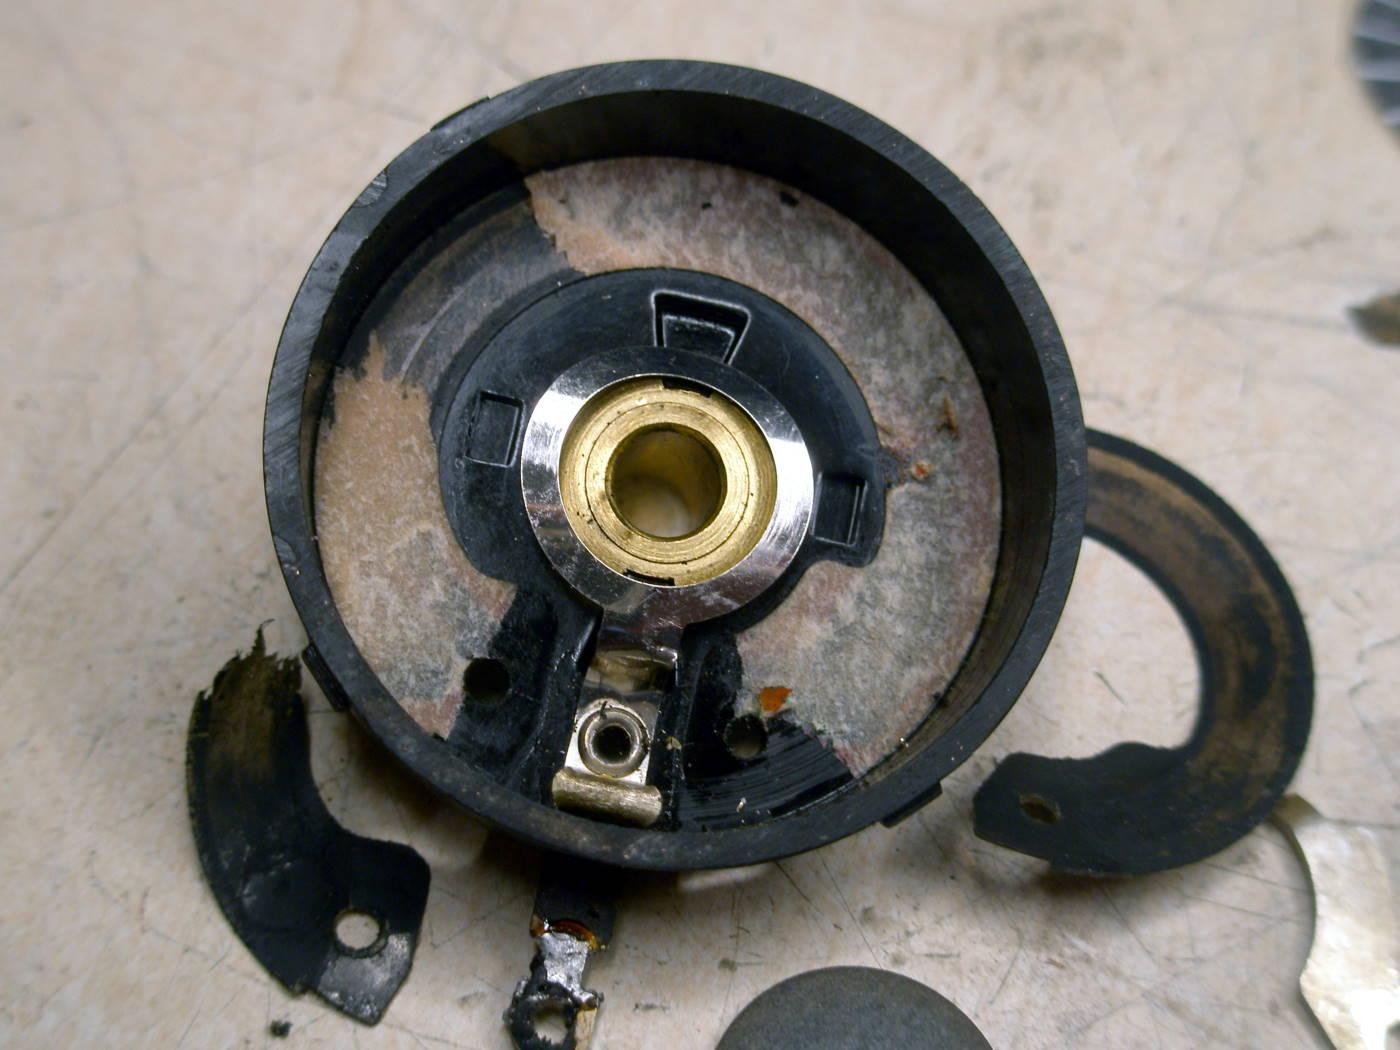 Reparación Potenciómetro radio antigua - Autoradio Philco mod 7 - 15